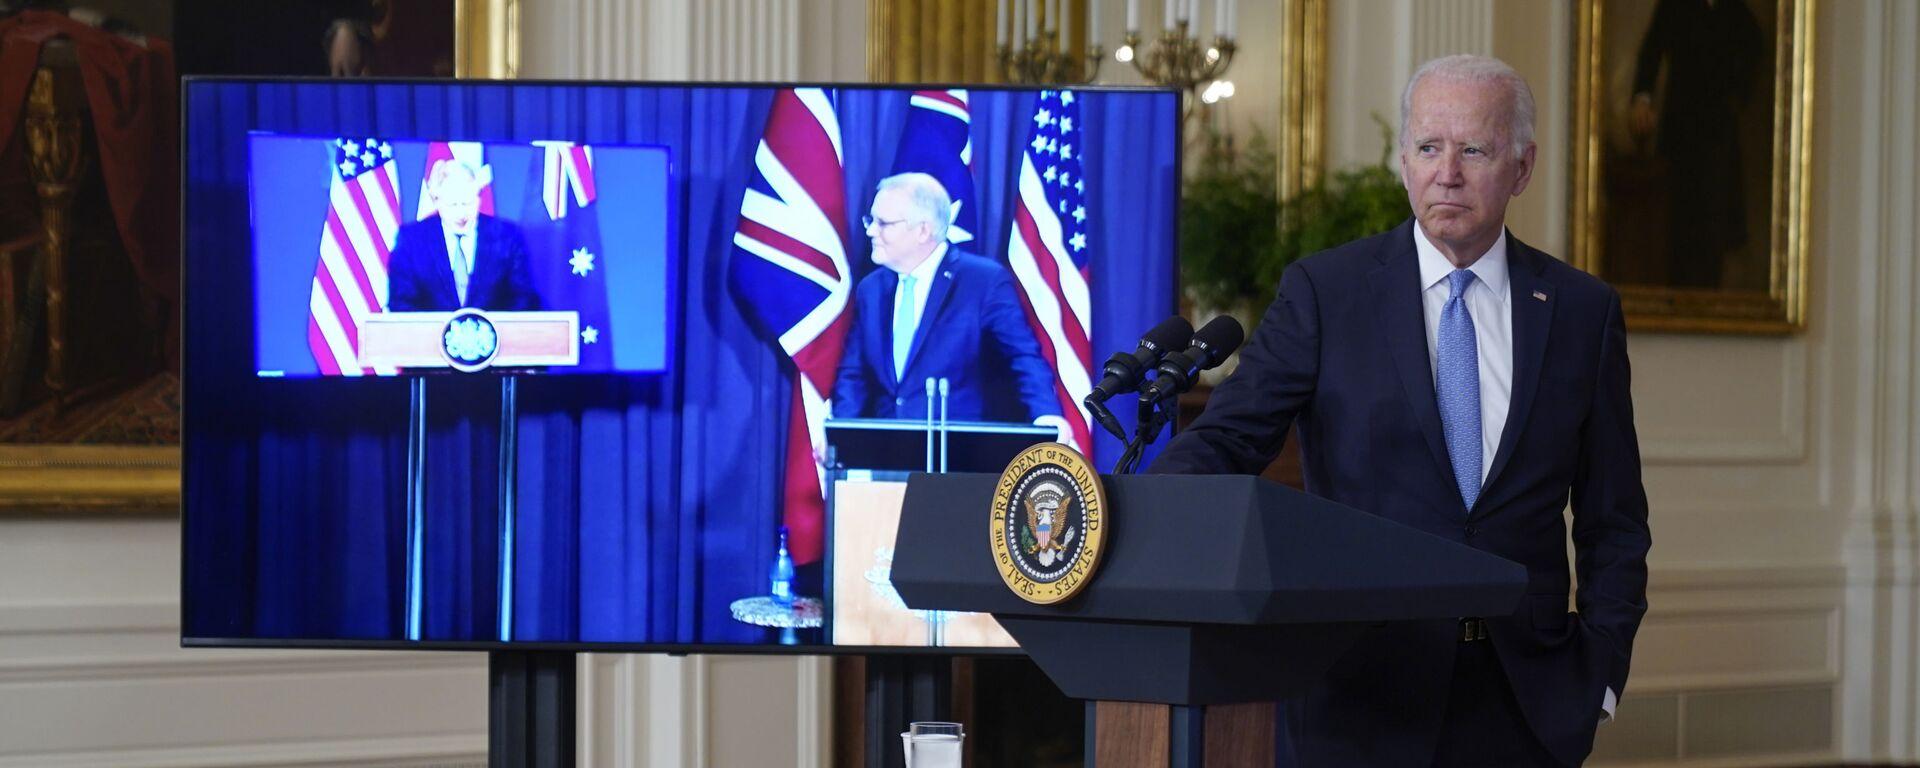 Americký prezident Joe Biden, britský premiér Boris Johnson a australský premiér Scott Morrison oznámili vytvoření nového partnerství AUKUS  - Sputnik Česká republika, 1920, 19.09.2021